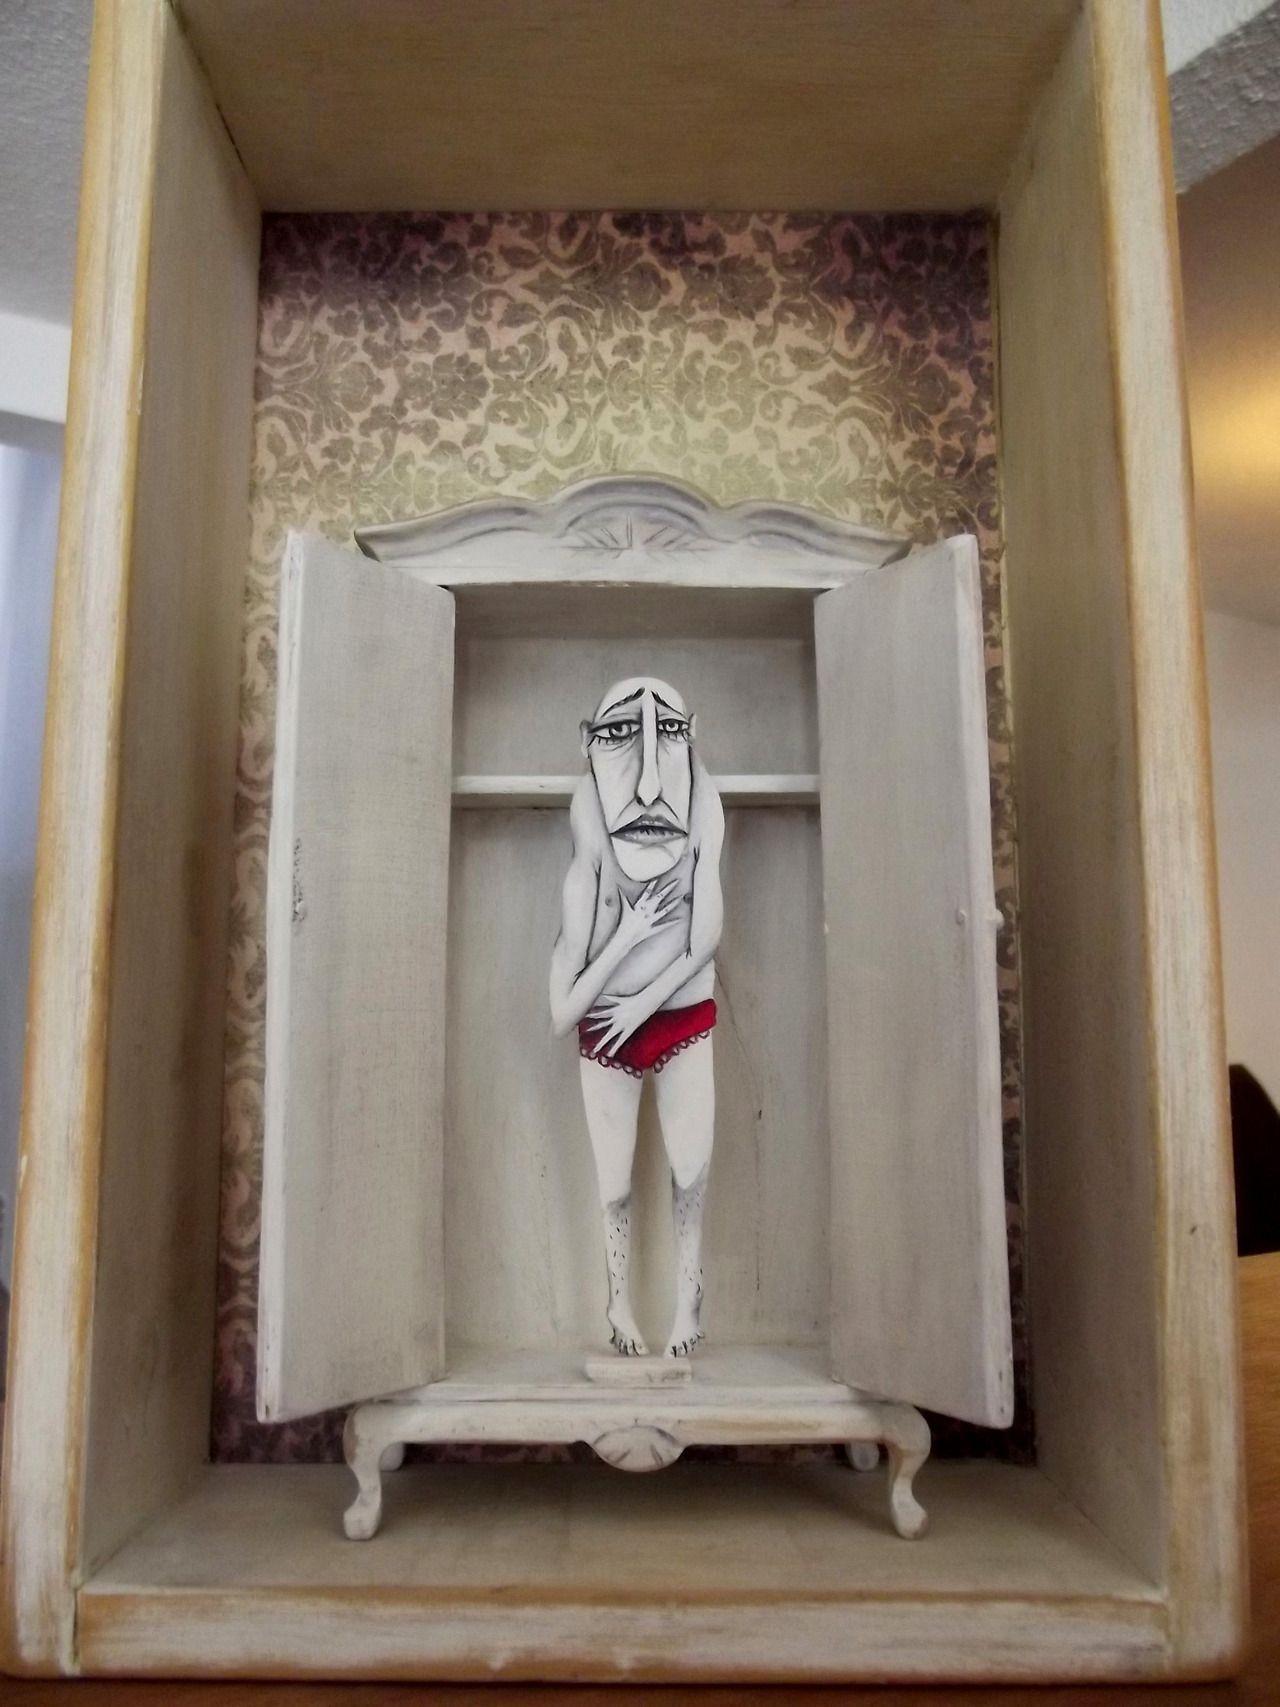 Desde el Closet. Ilustración objetual.